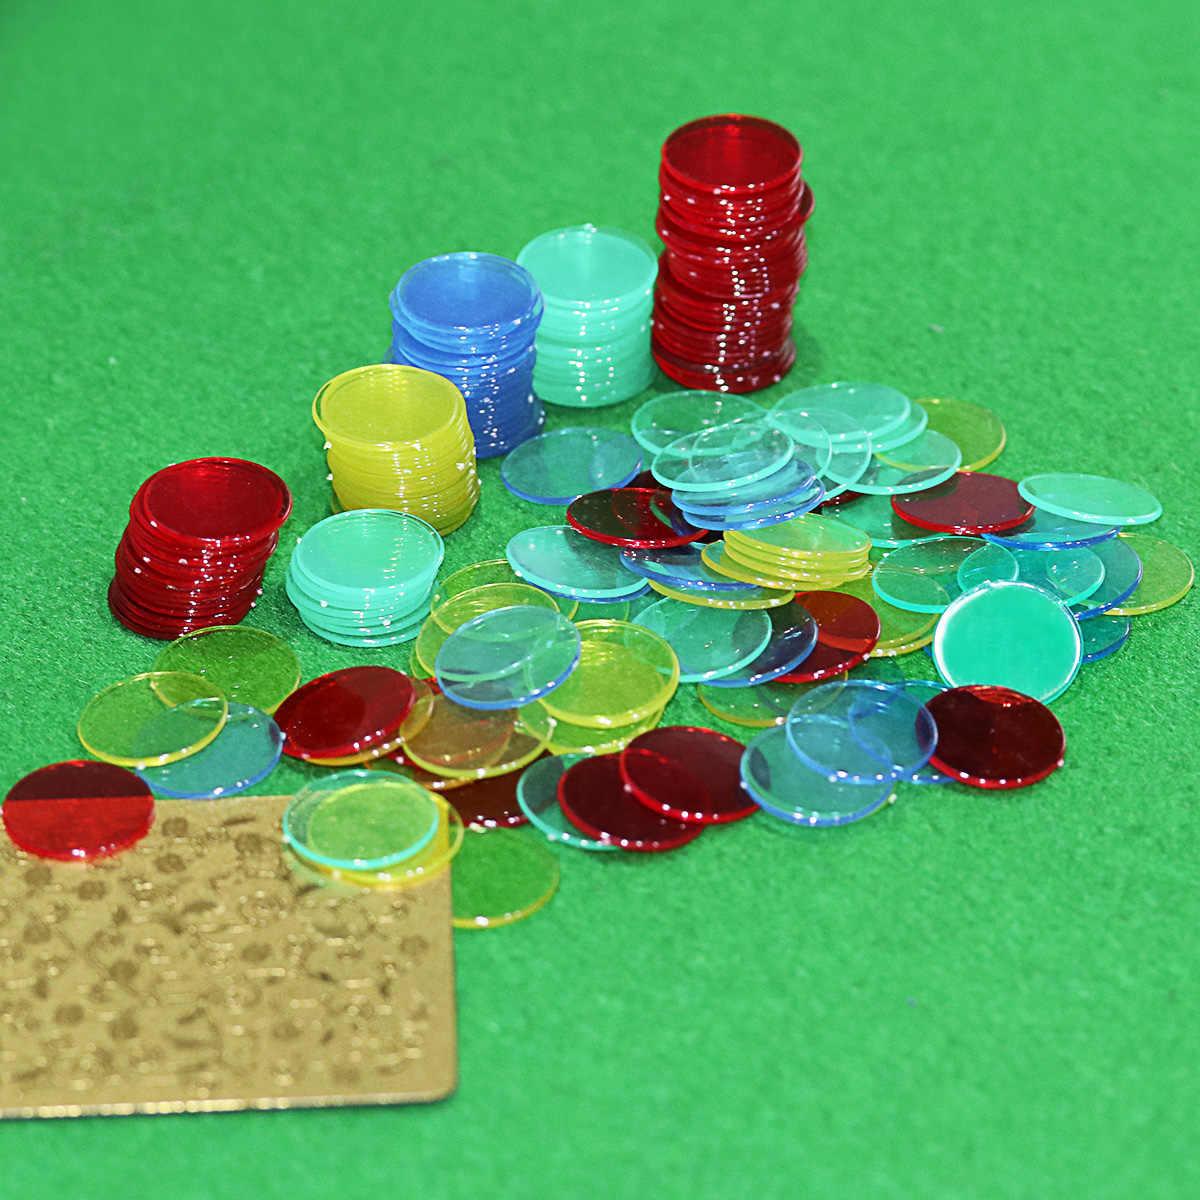 Toyvian 400 unidades de 4 colores de 3//4 pulgadas para bingo fichas de p/óquer para practicar bingo juegos de cartas y matem/áticas fichas de p/óquer